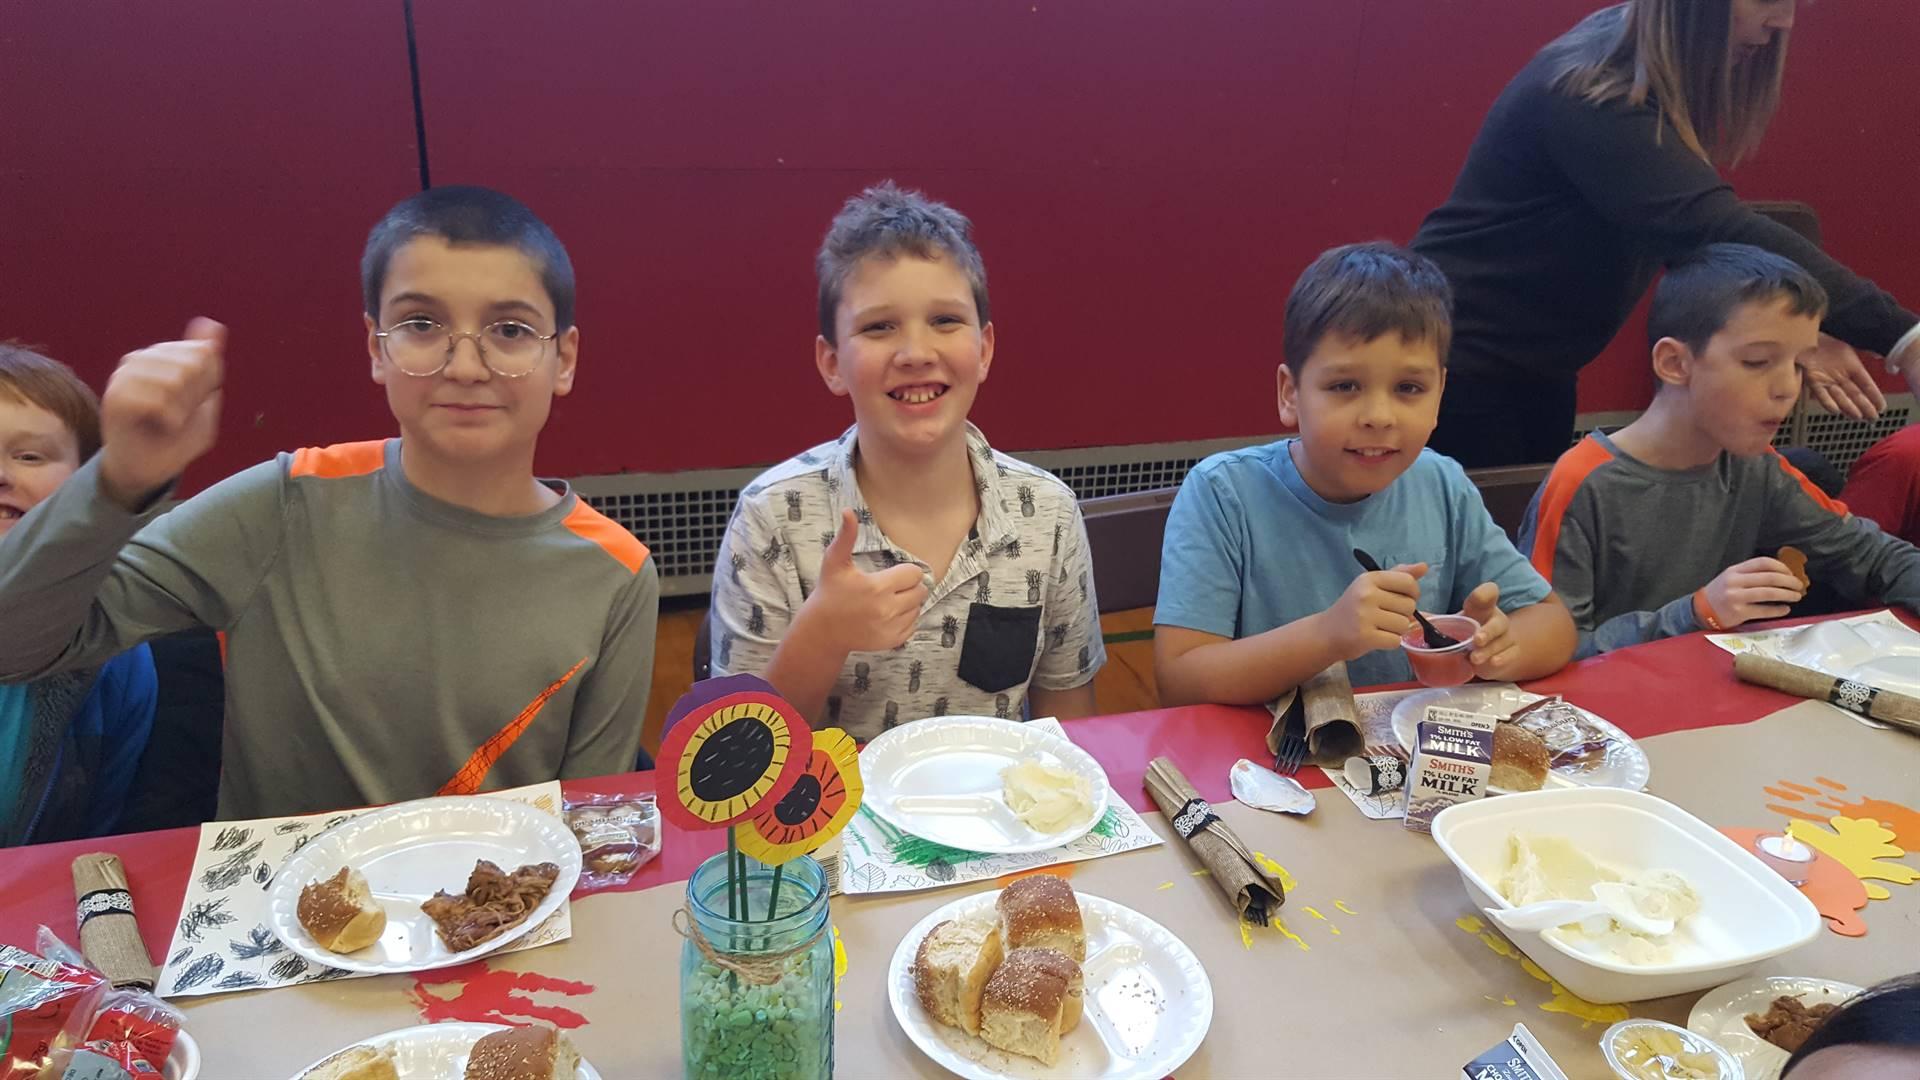 Our Family Thanksgiving Dinner